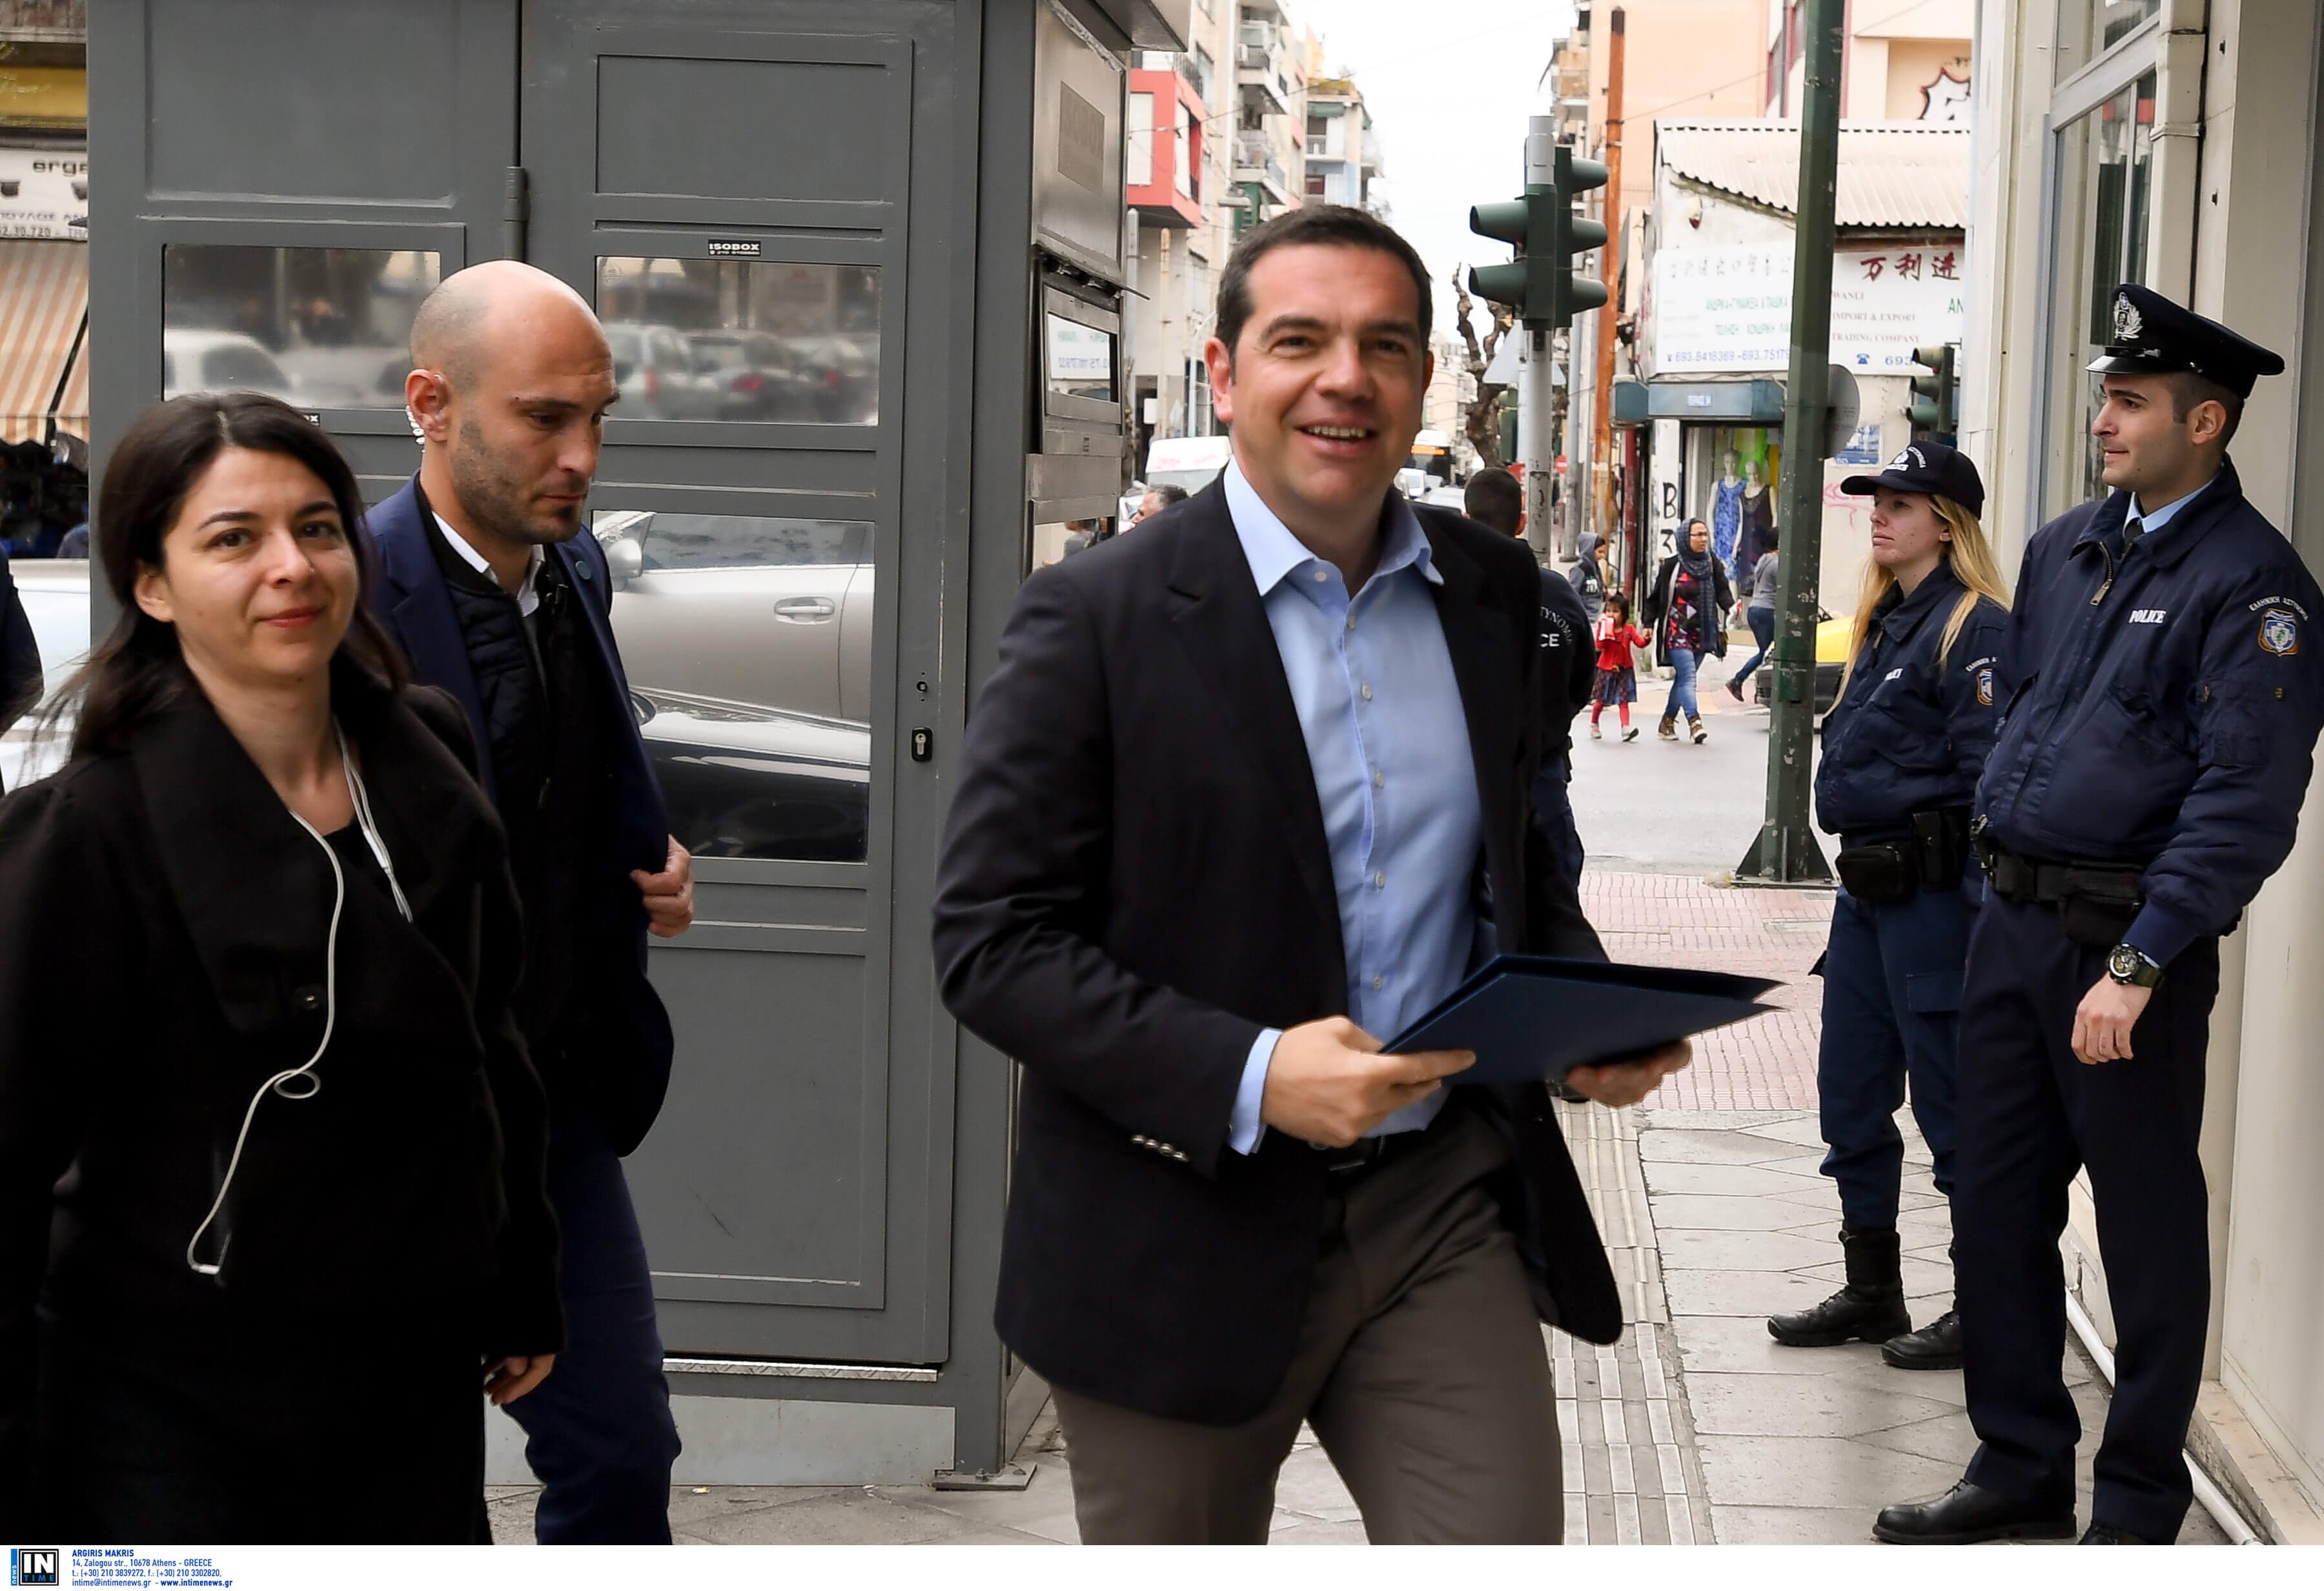 Με Αρβανίτη, Πλουμπίδη, Πελεγρίνη, Τσάτσου και Λοΐζου και τους τρεις νυν ευρωβουλευτές του κατεβαίνει ο ΣΥΡΙΖΑ στις ευρωεκλογές